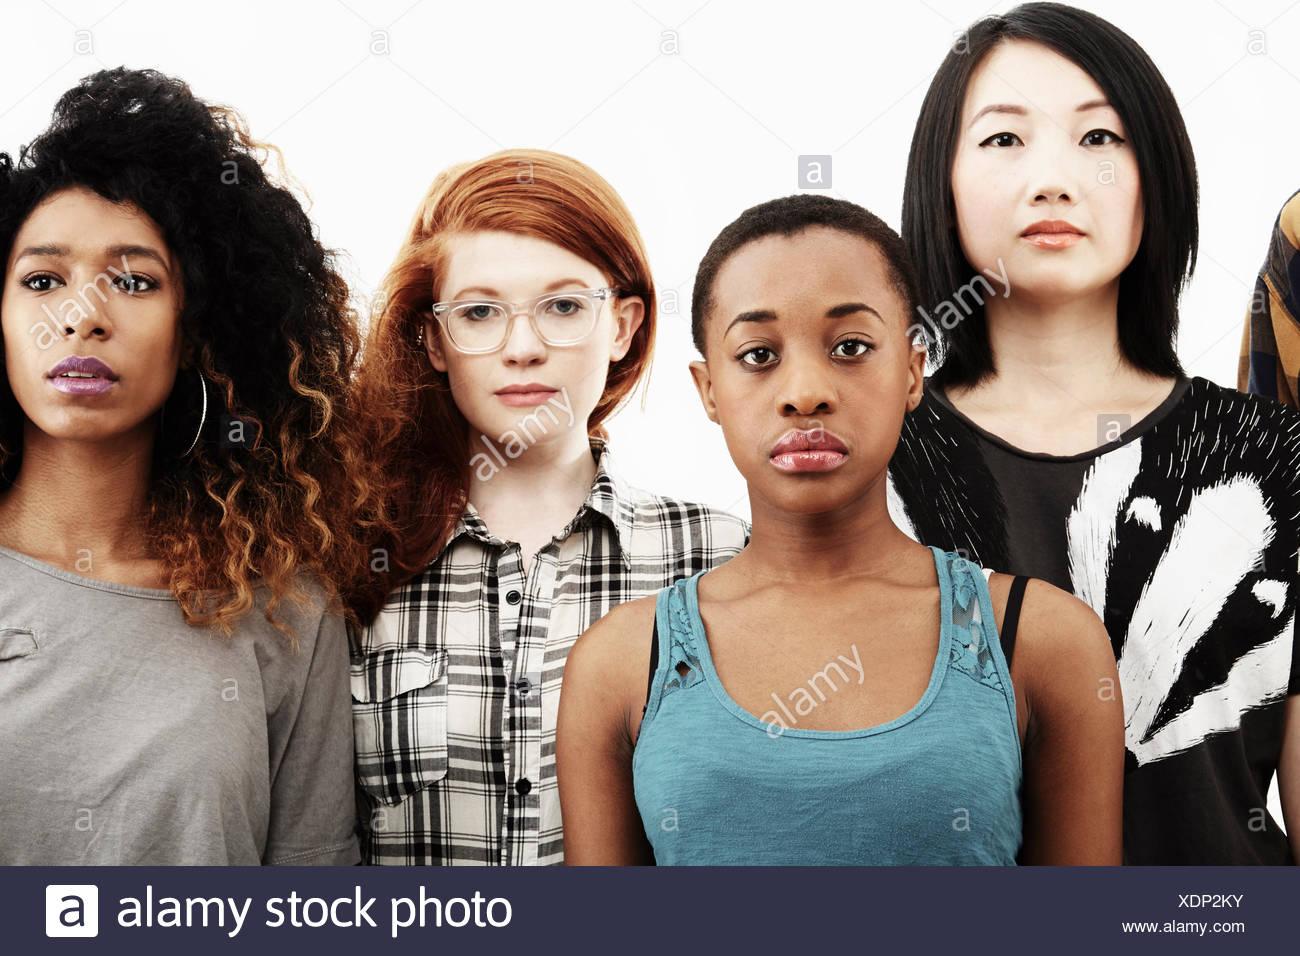 Studio formale ritratto di quattro giovani donne con espressioni vuote Immagini Stock